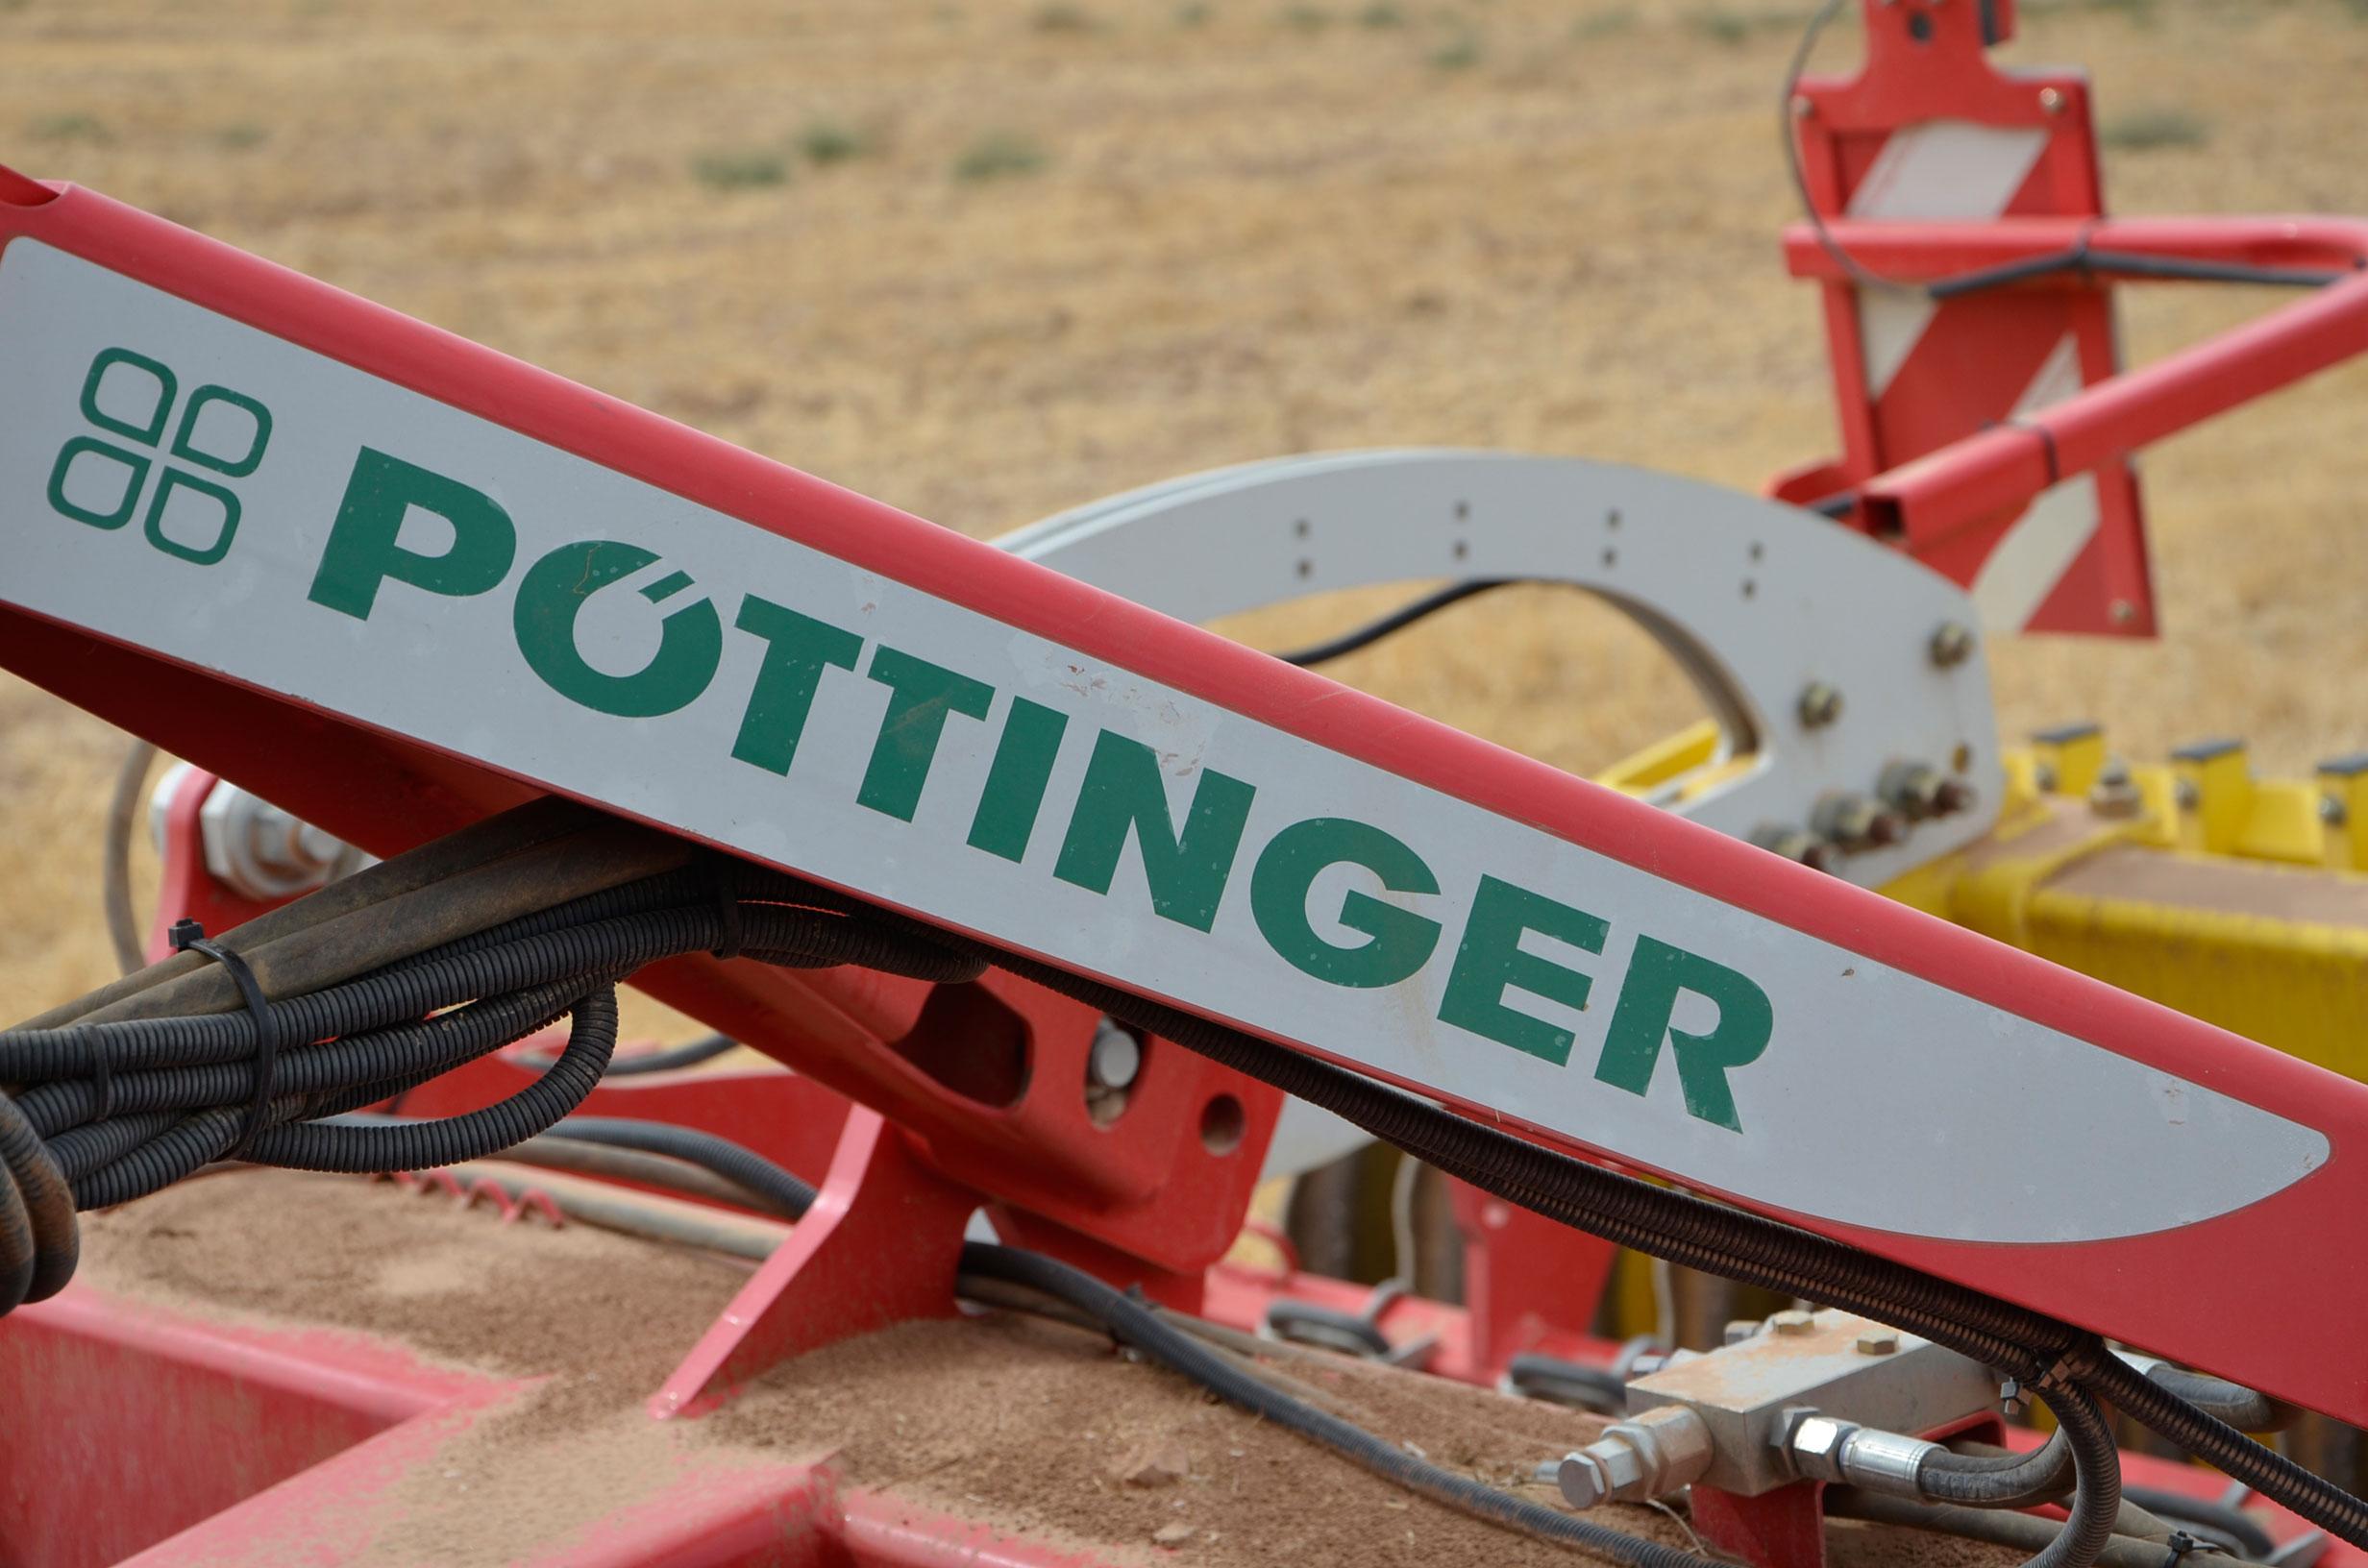 PöttingerTerradisc3501-01